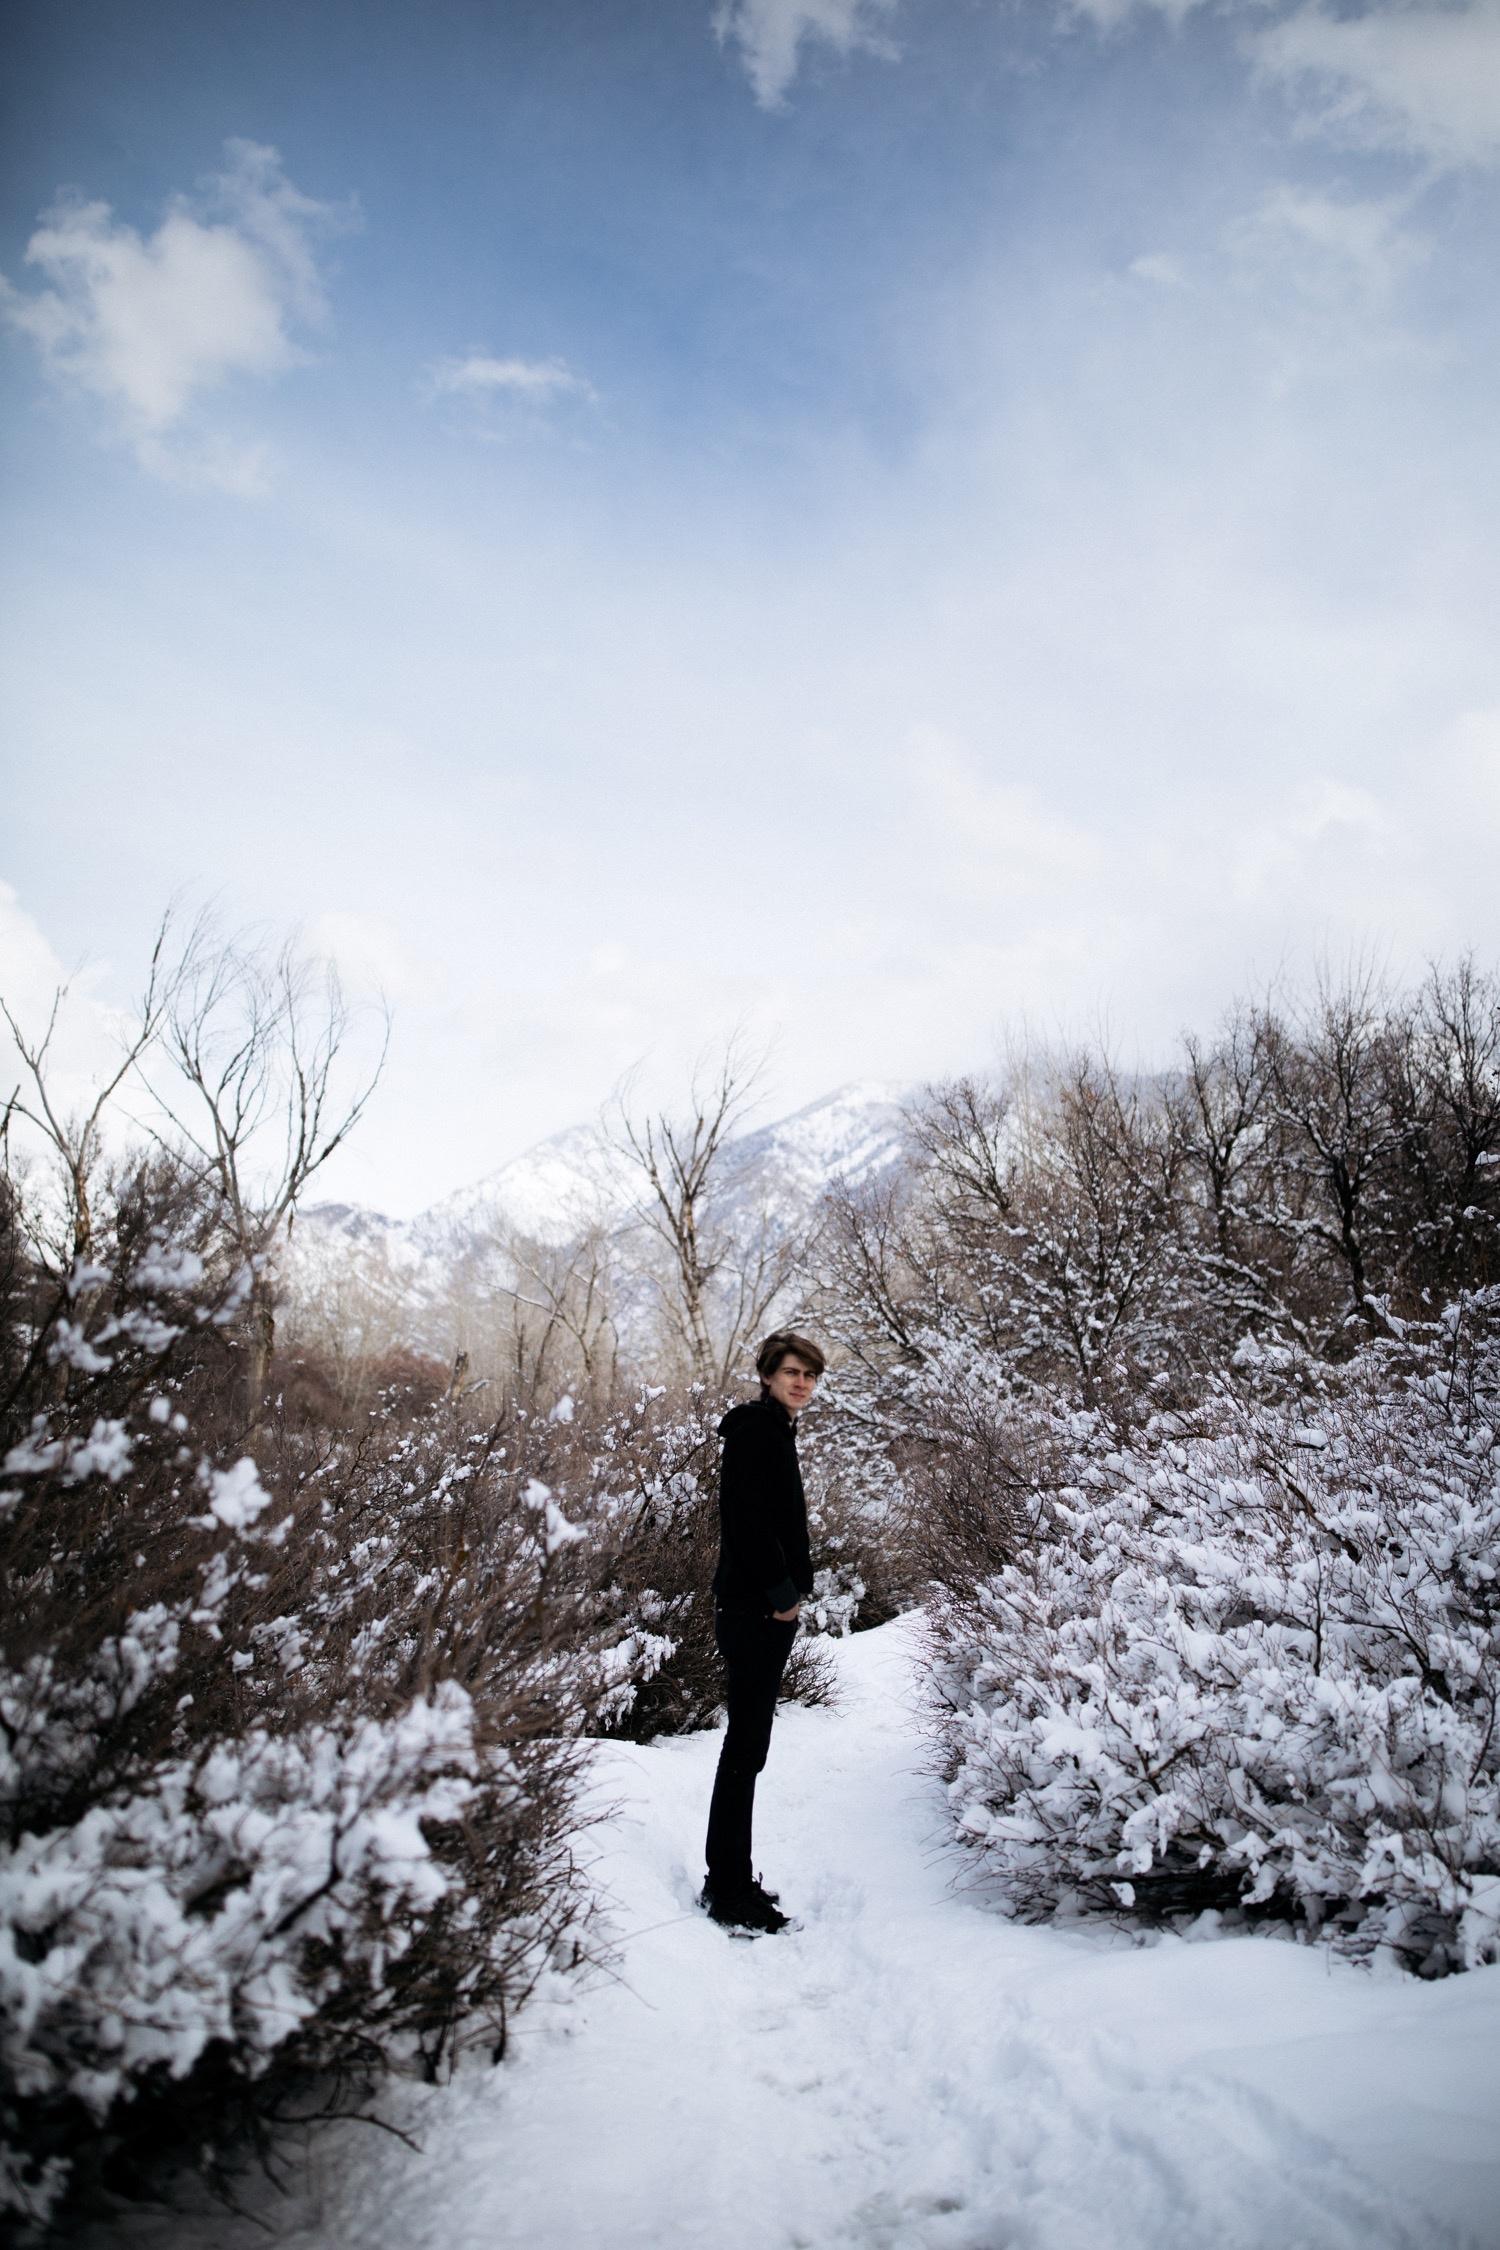 35_winter_desert_snow_zoeburchardstudio_utah_zoeburchard_elopement_redrocks_elopementphotographer.jpg